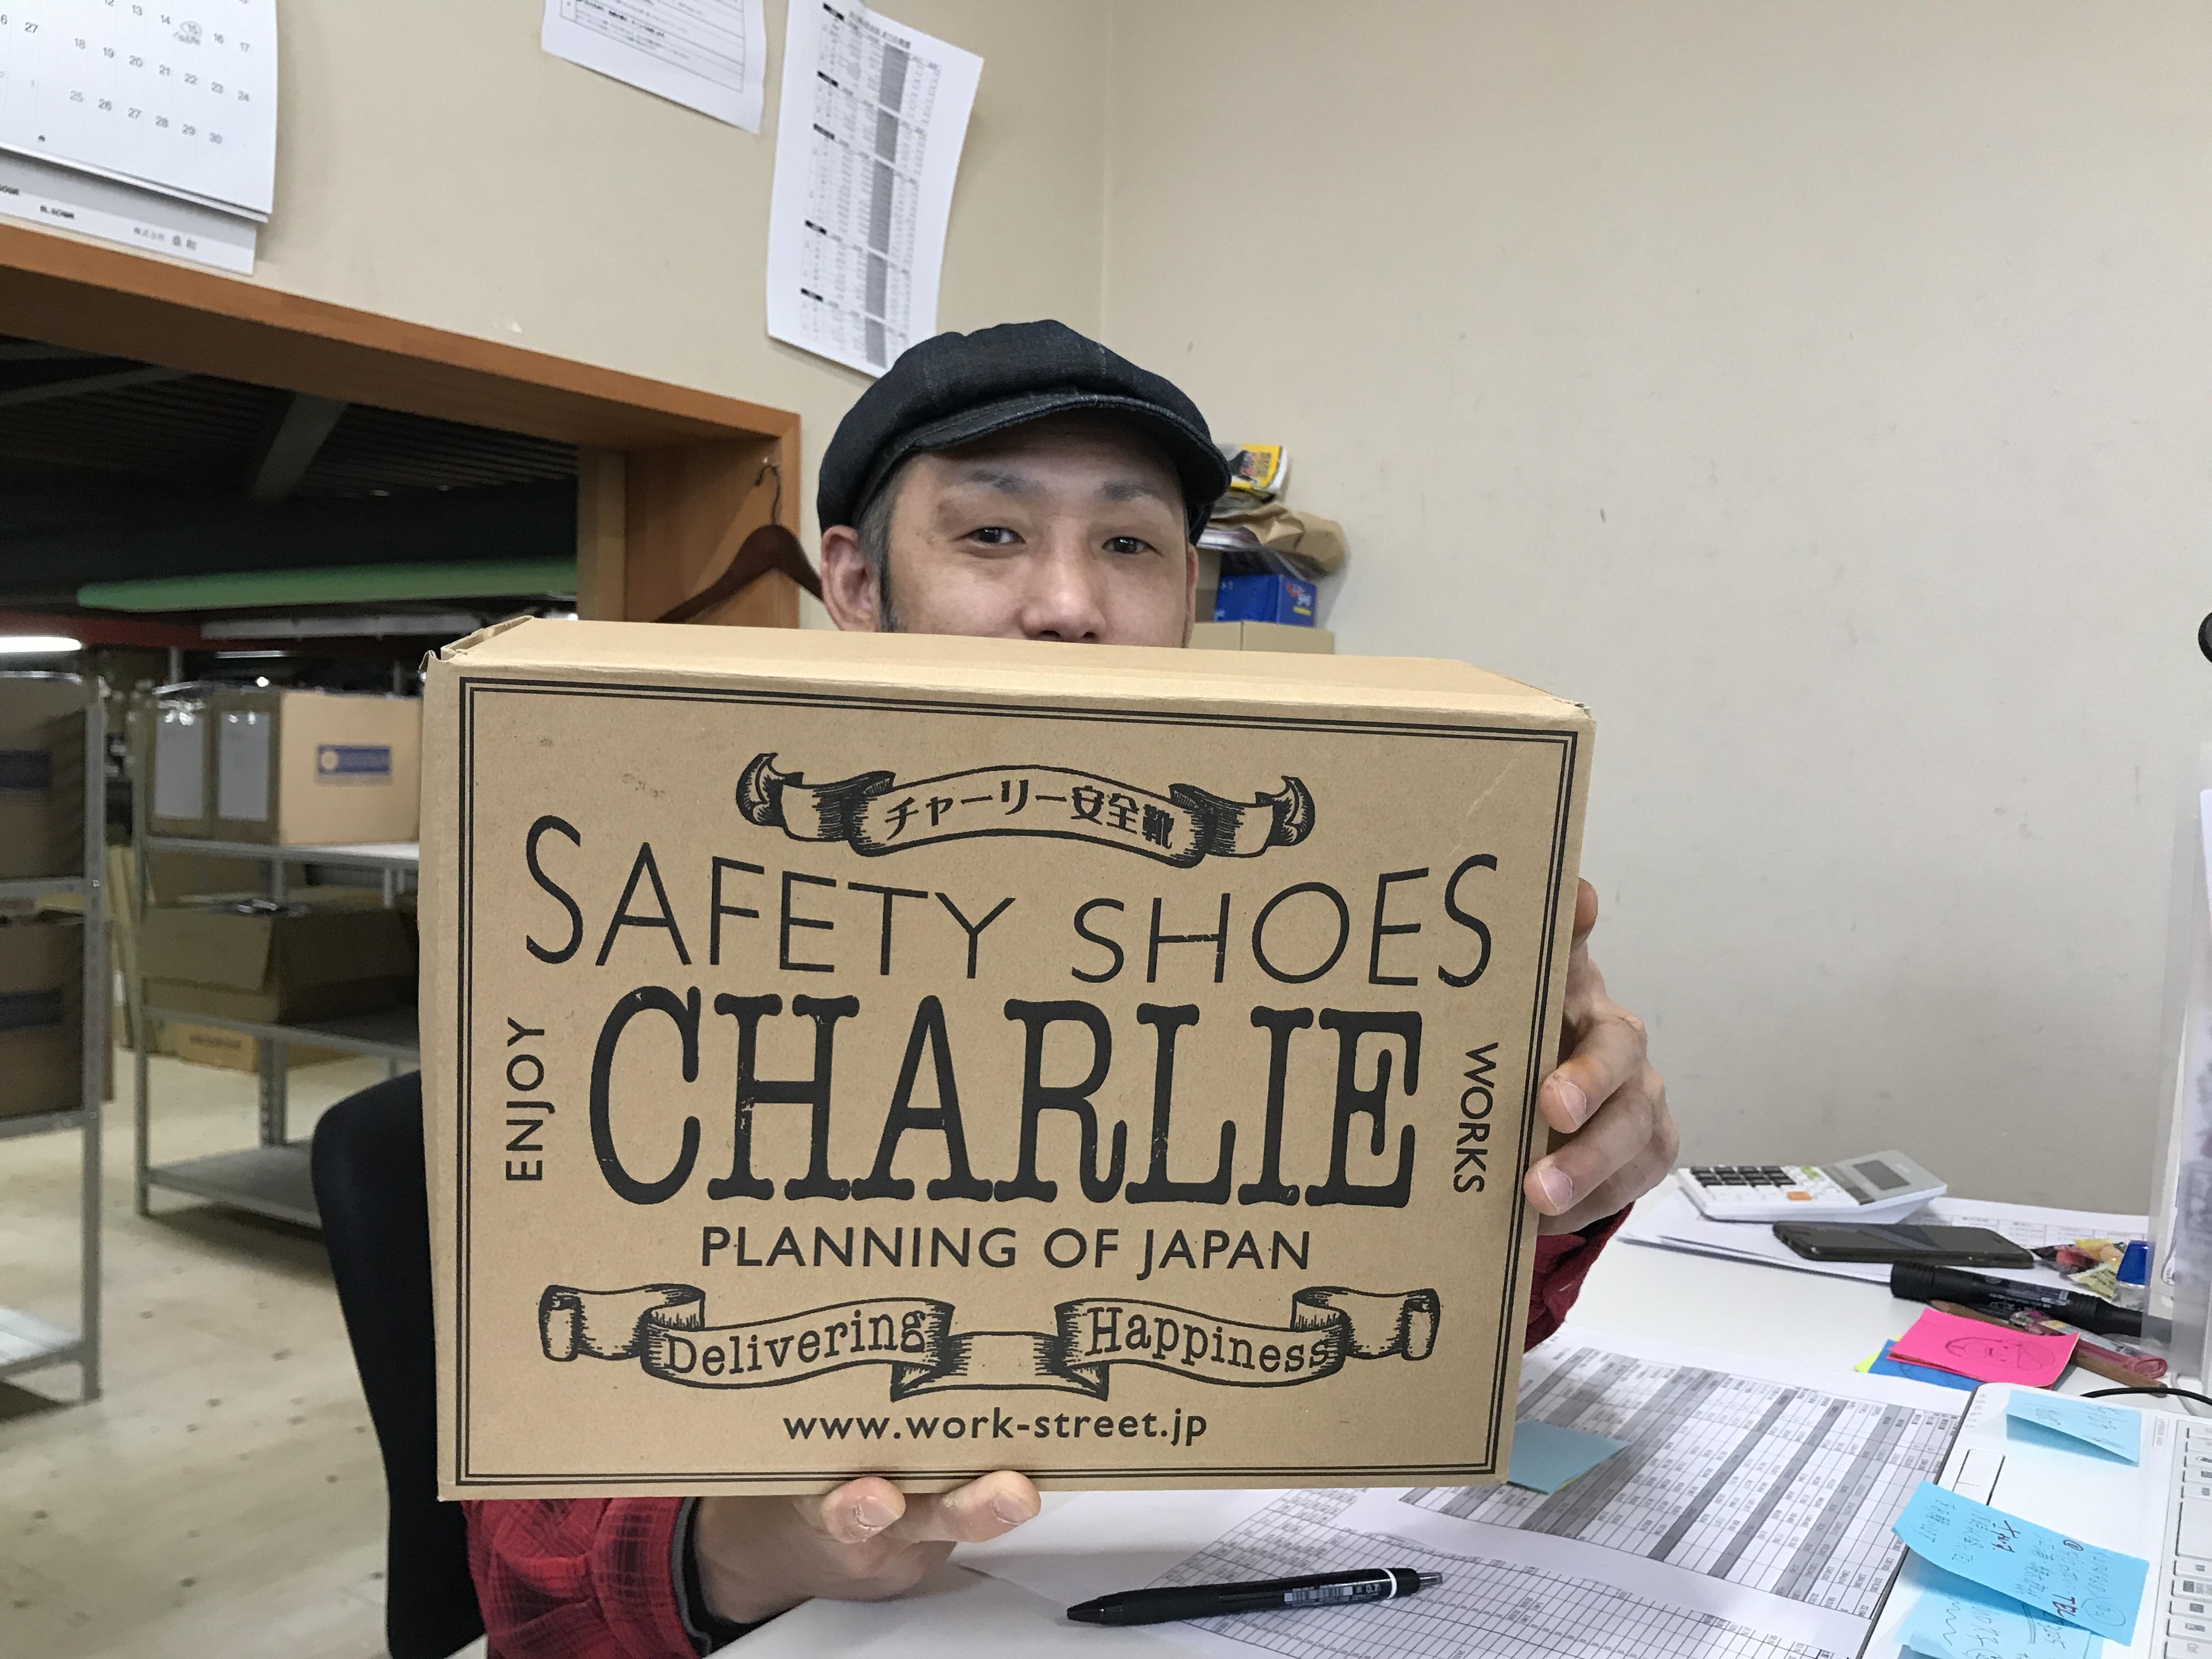 チャーリー安全靴 箱 店長 ハゲシタ オリジナル